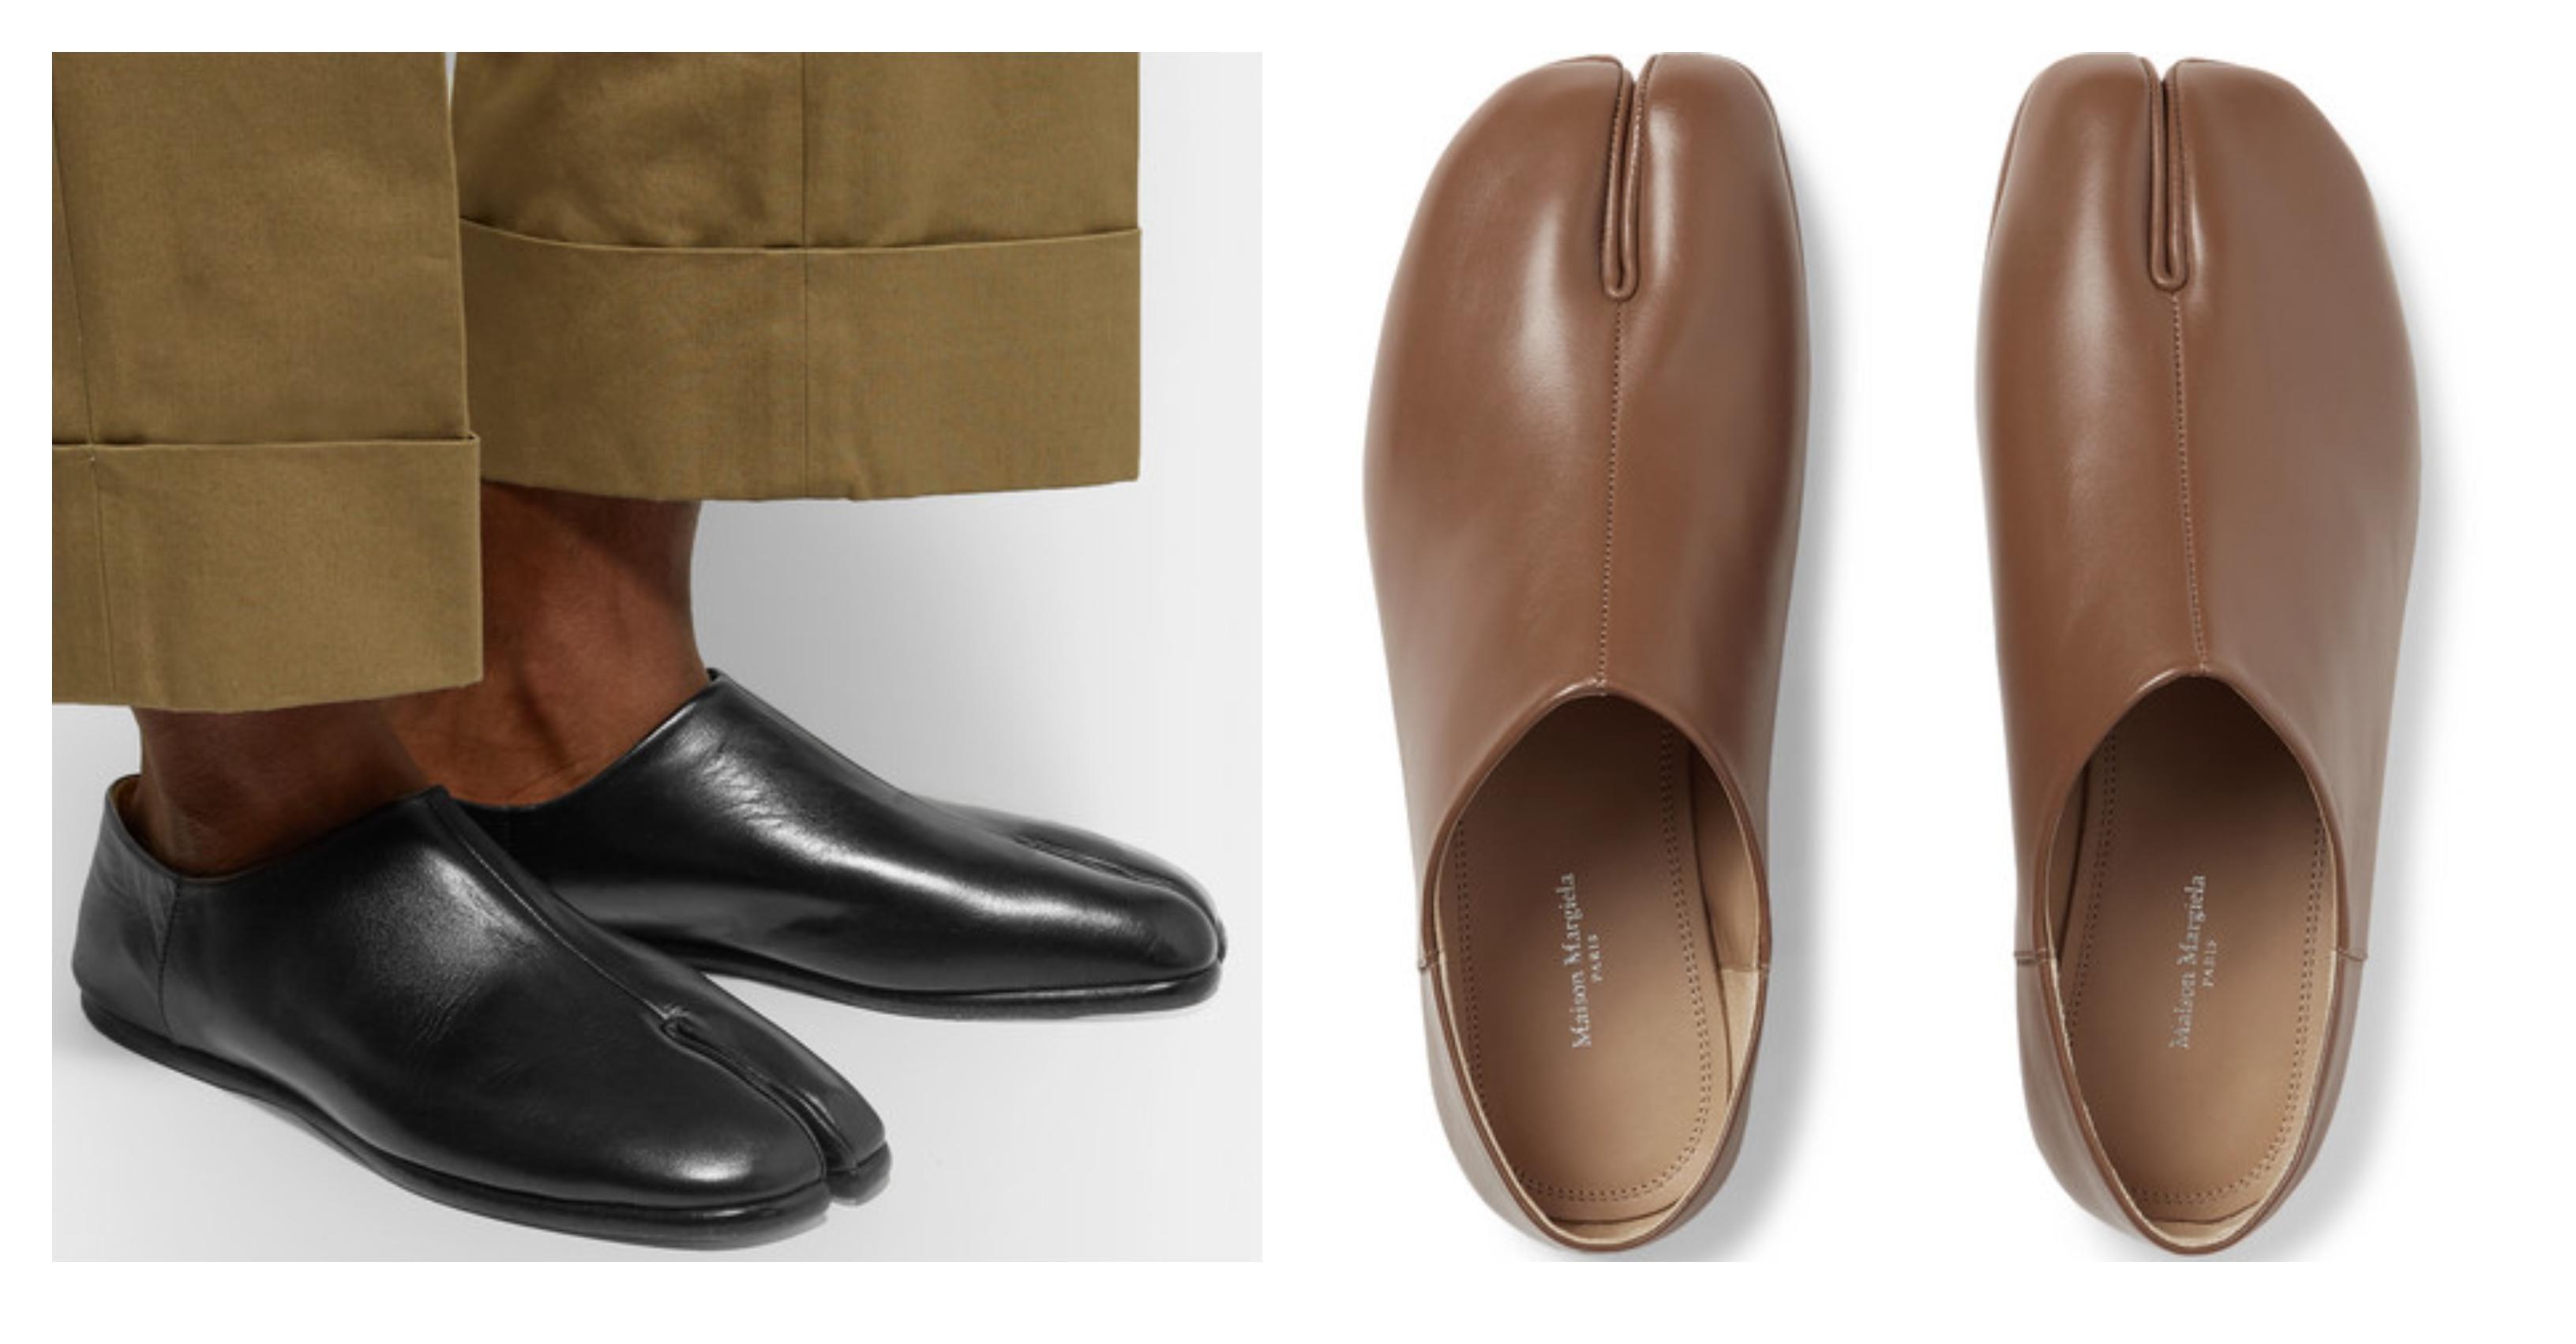 Hoće li ovo biti najpopularnije cipele u 2019.? Modni urednici najavljuju ih kao veliki trend za muškarce!